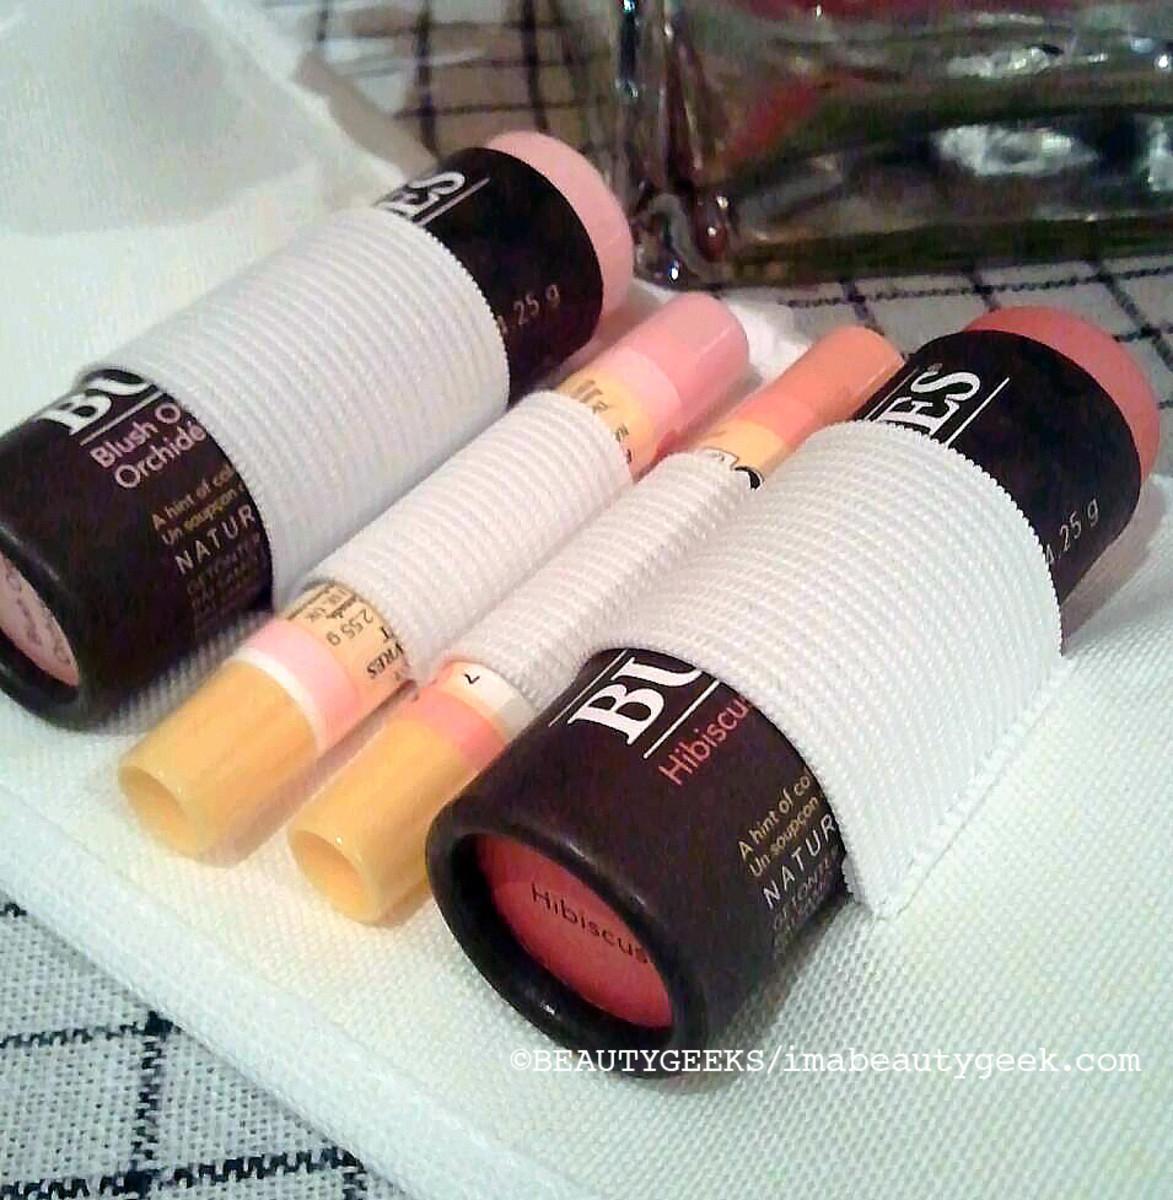 Bellavance Burt's Bees lip balm roll_open